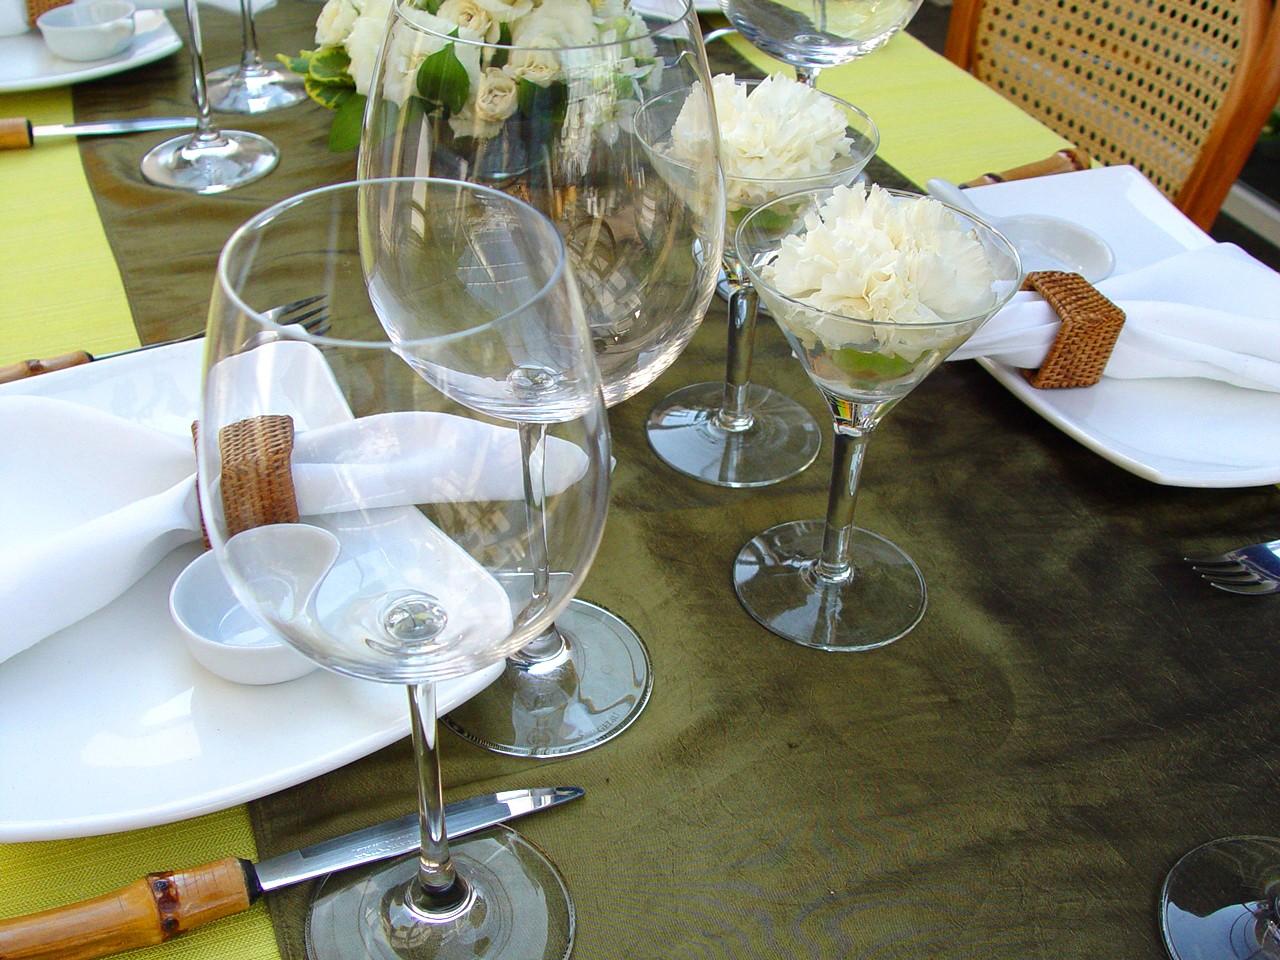 Stół w wielu domach jest jedynym z najważniejszych przedmiotów